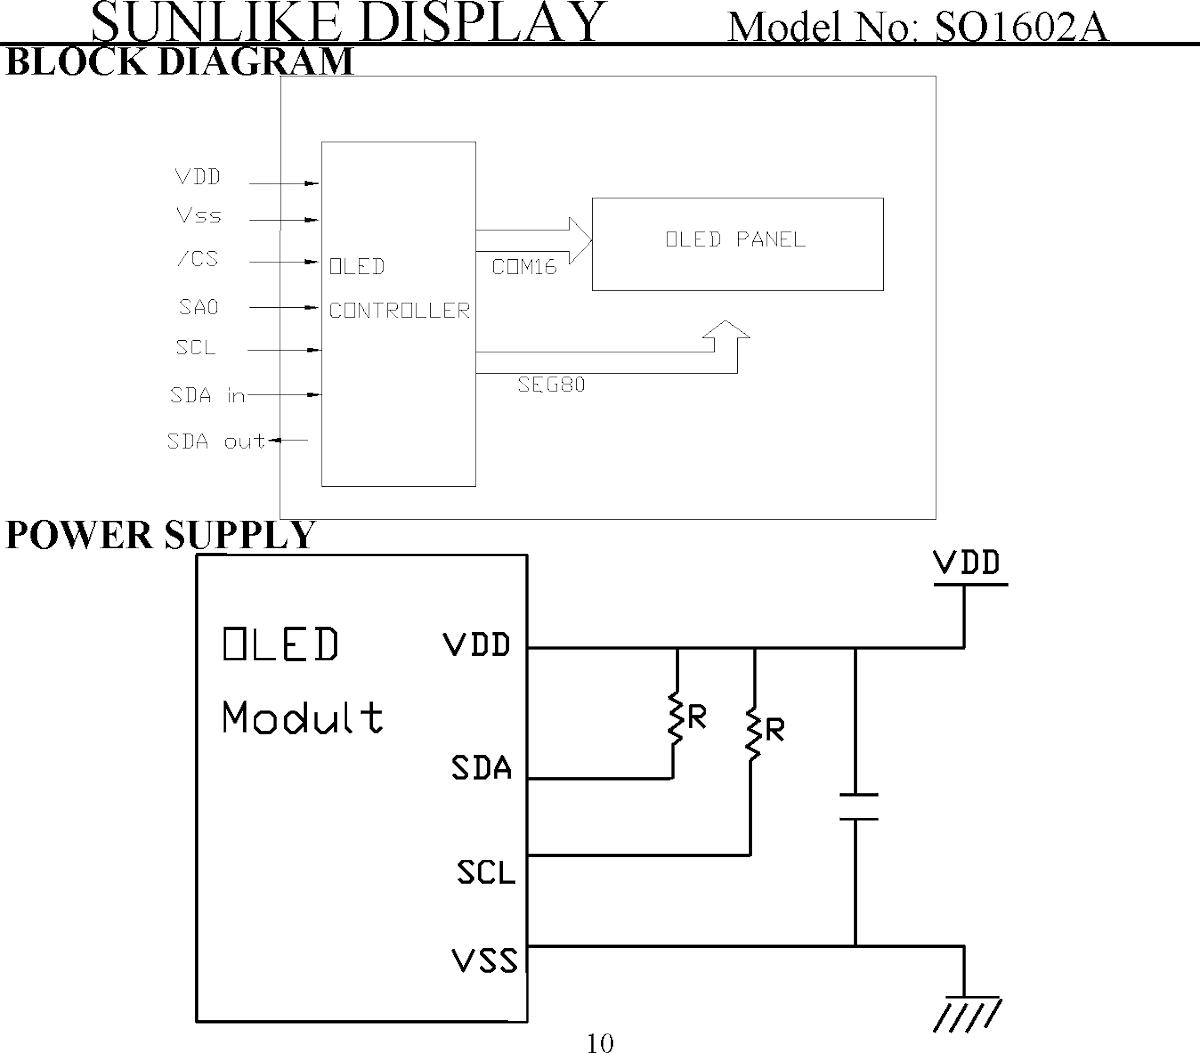 SO1602AWYB-UC-WB-U-10